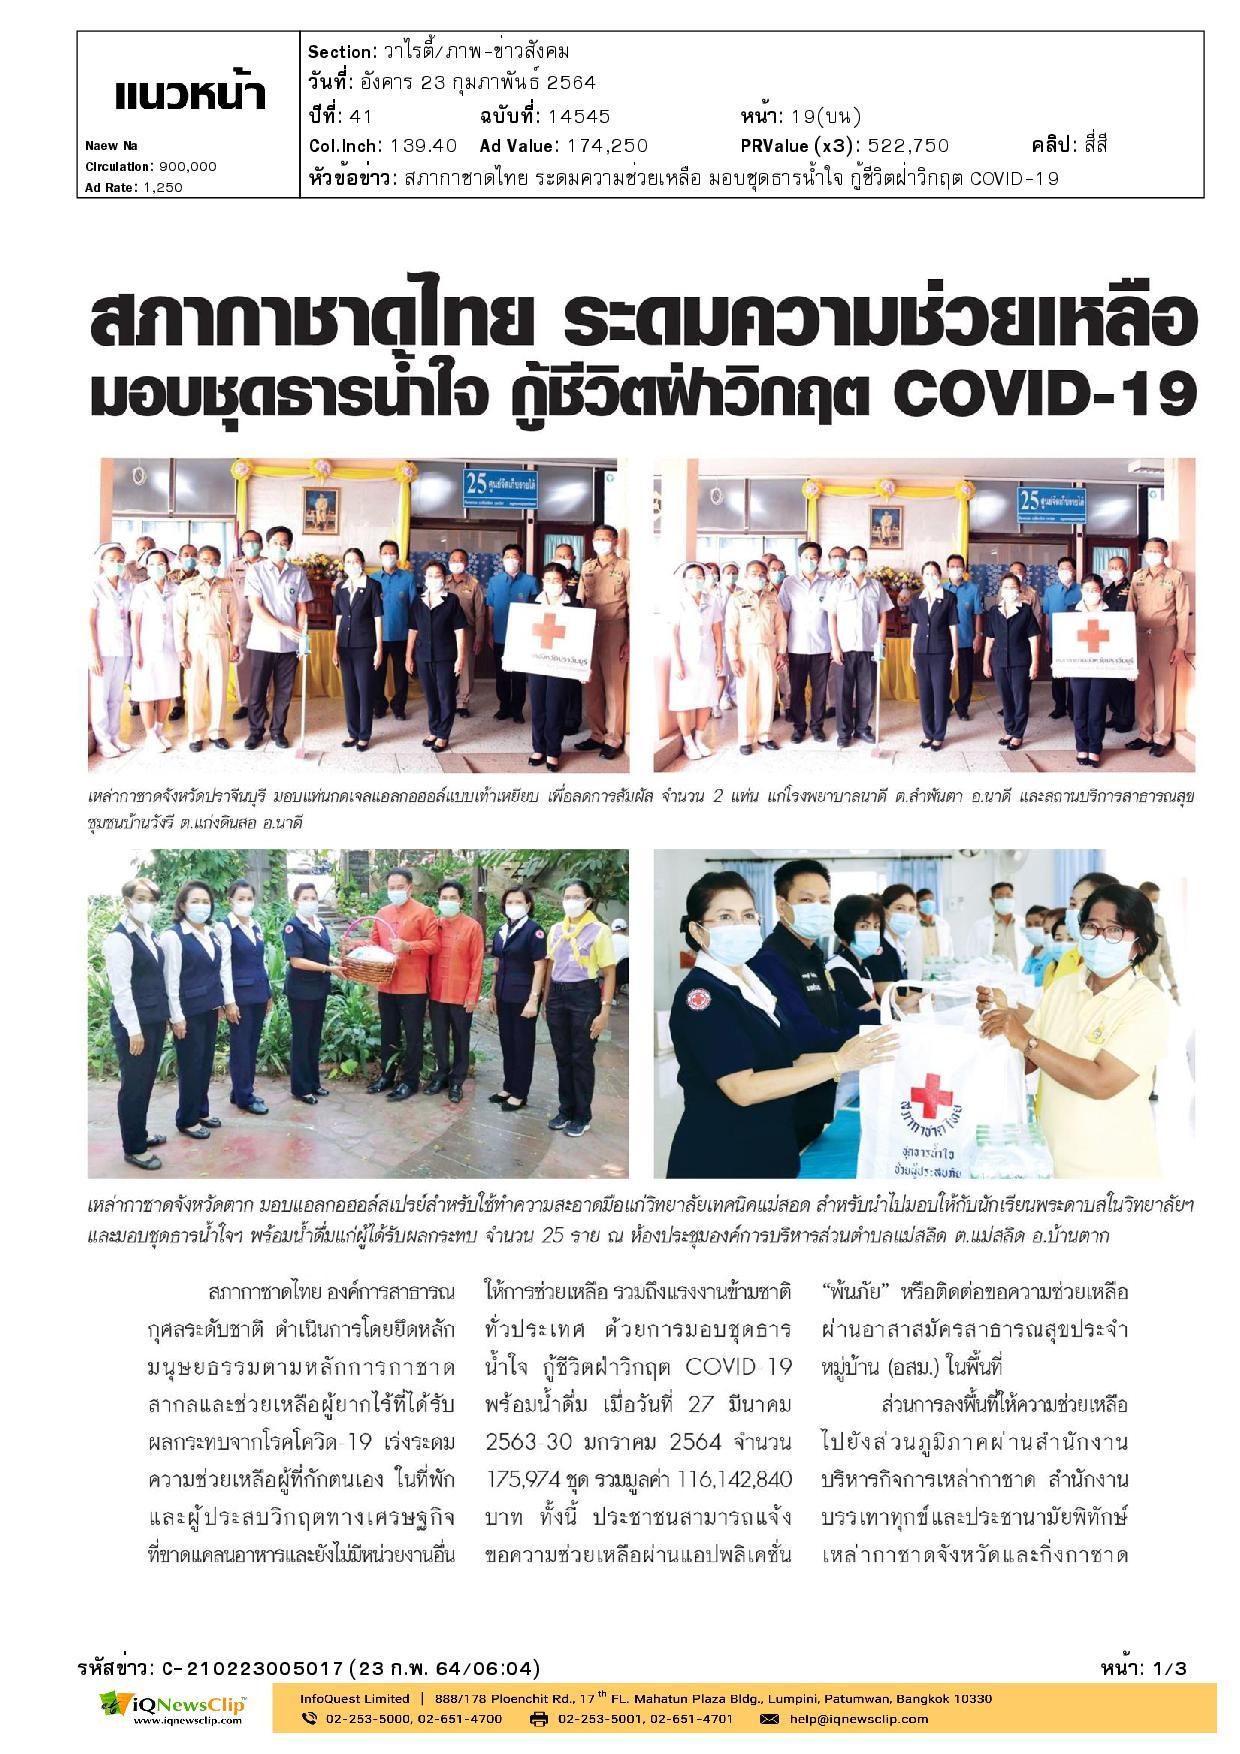 สภากาชาดไทย ระดมความช่วยเหลือ มอบชุดธารน้ำใจ  กู้ชีวิตฝ่าวิกฤต COVID -19